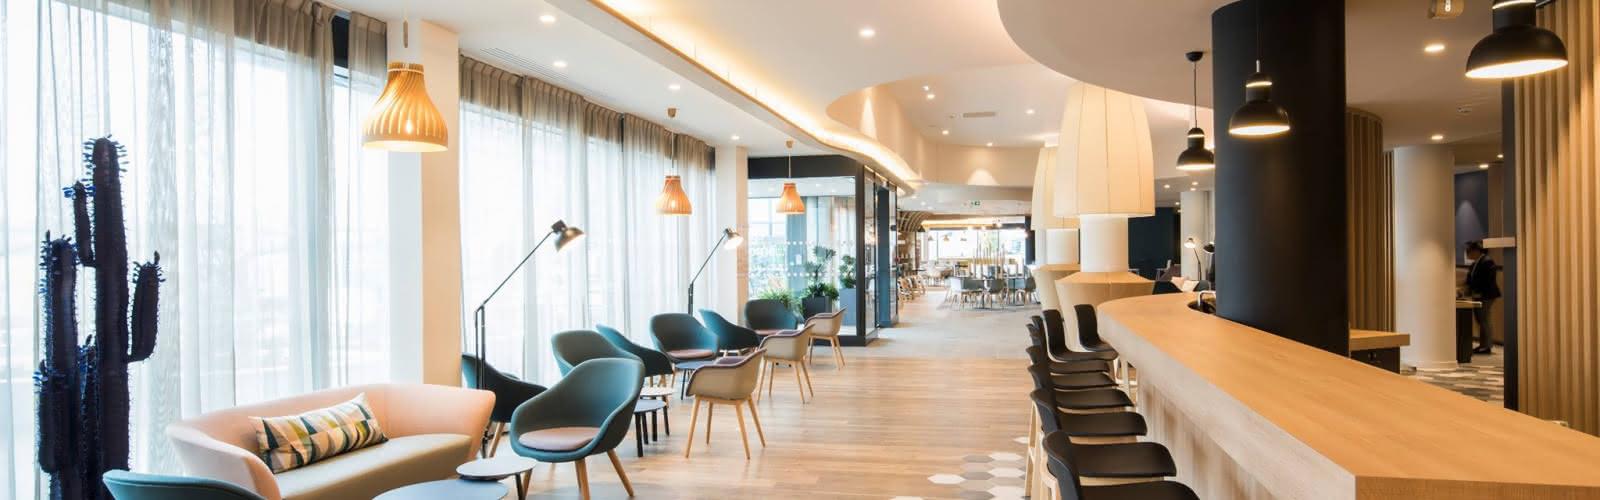 Holiday Inn Express Paris-CDG Airport